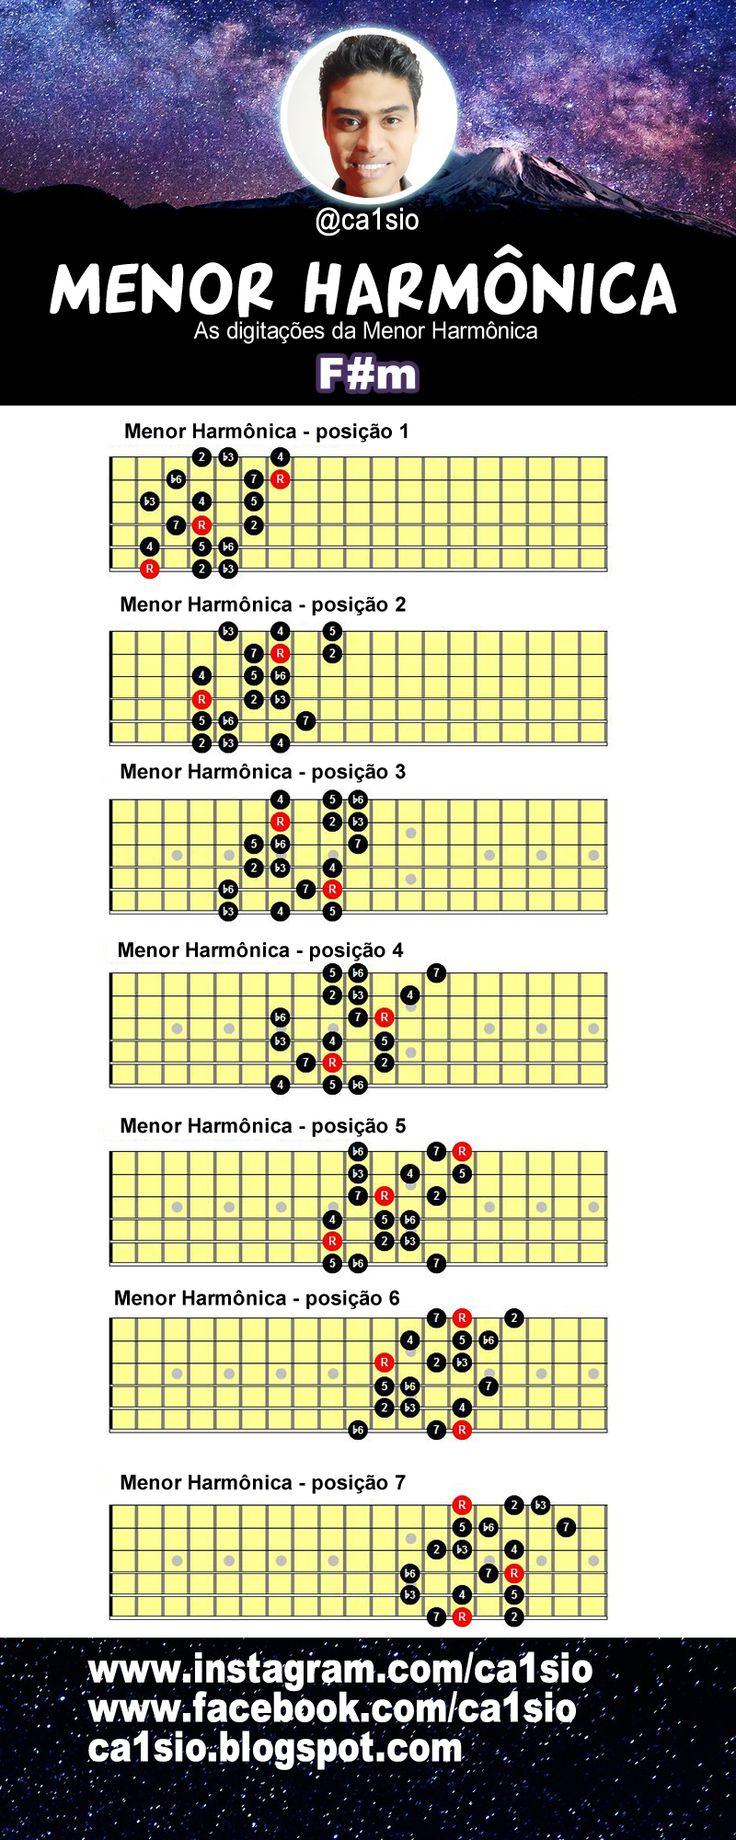 MENOR HARMÔNICA - @ca1sio #ebook #music #musica #guitarra #violão #auladeguitarra #auladeviolao #pdfs #dicas #workshop #clinic #Improvisação #guitar #guitarlesson #musician